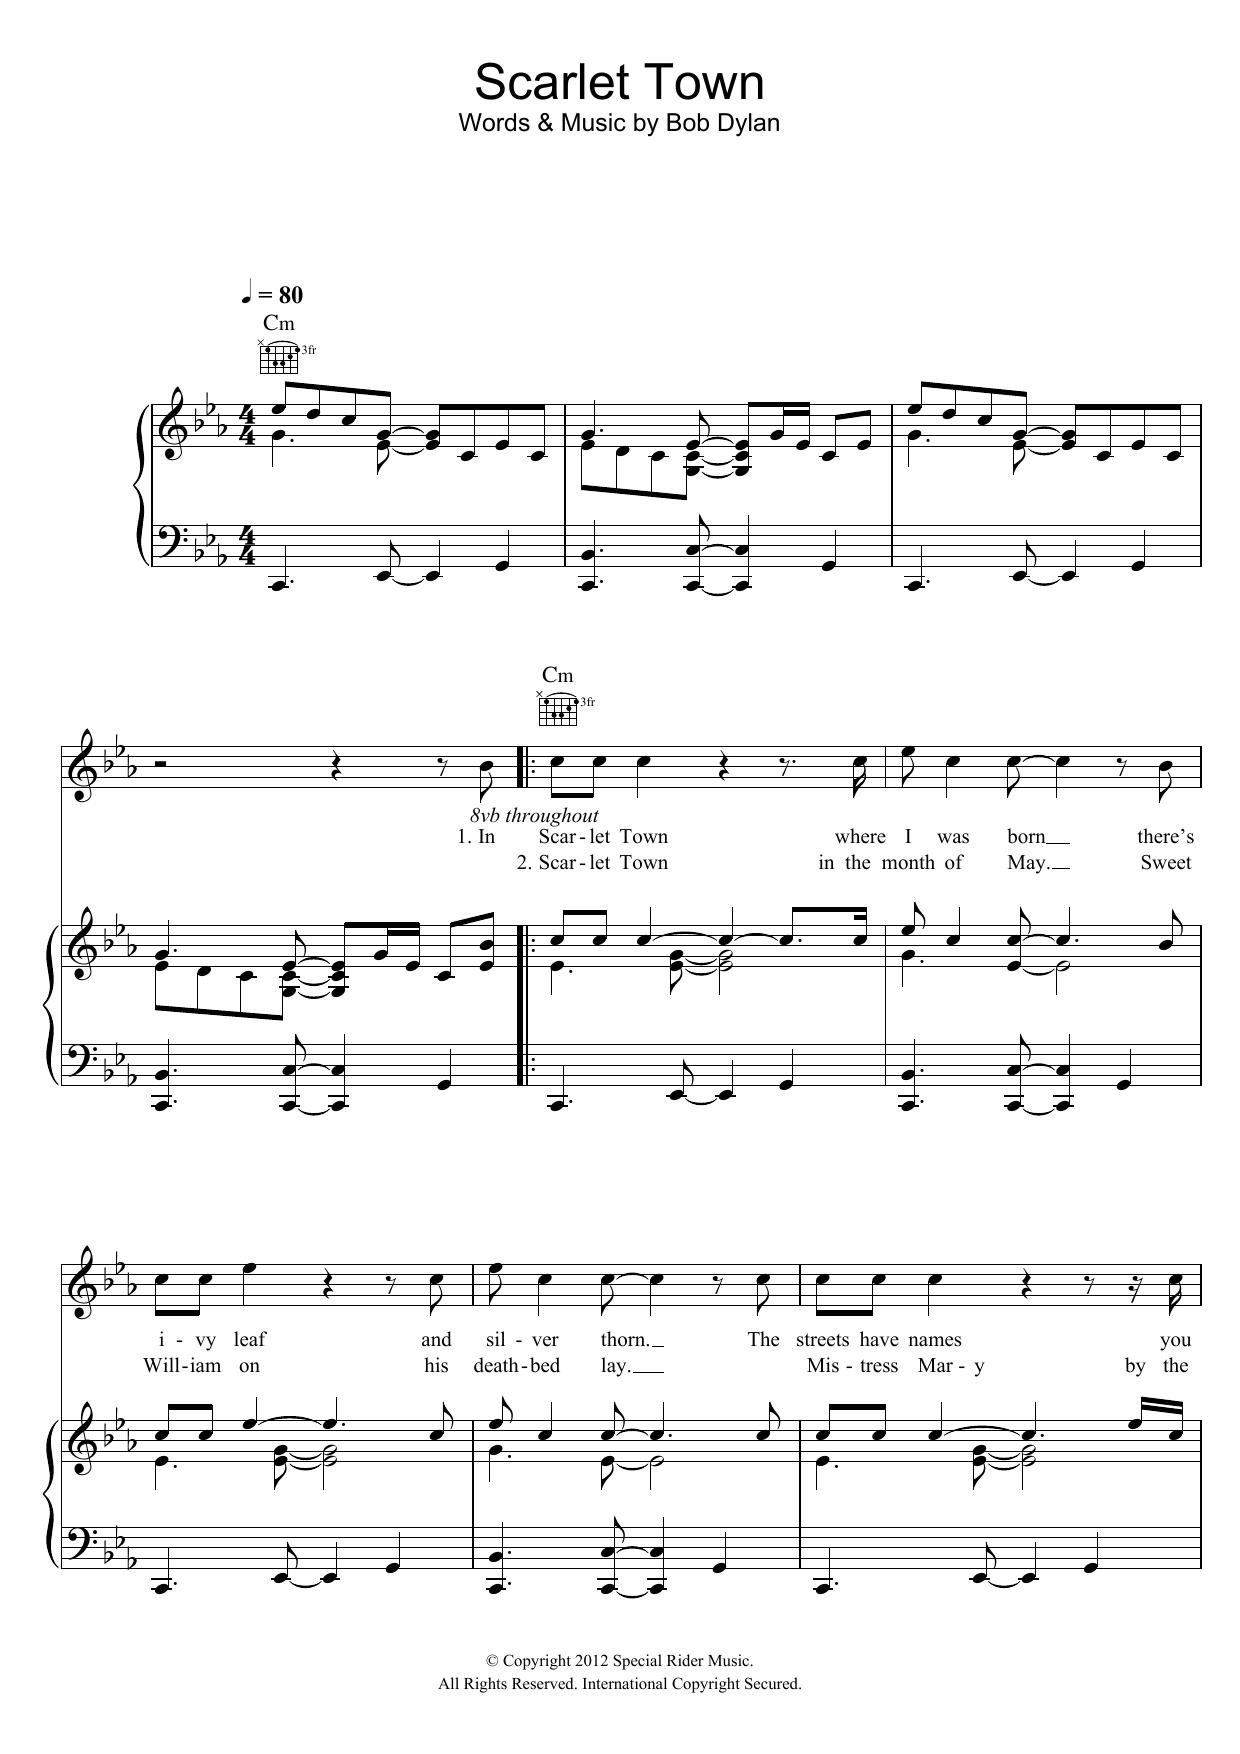 Scarlet Town Sheet Music